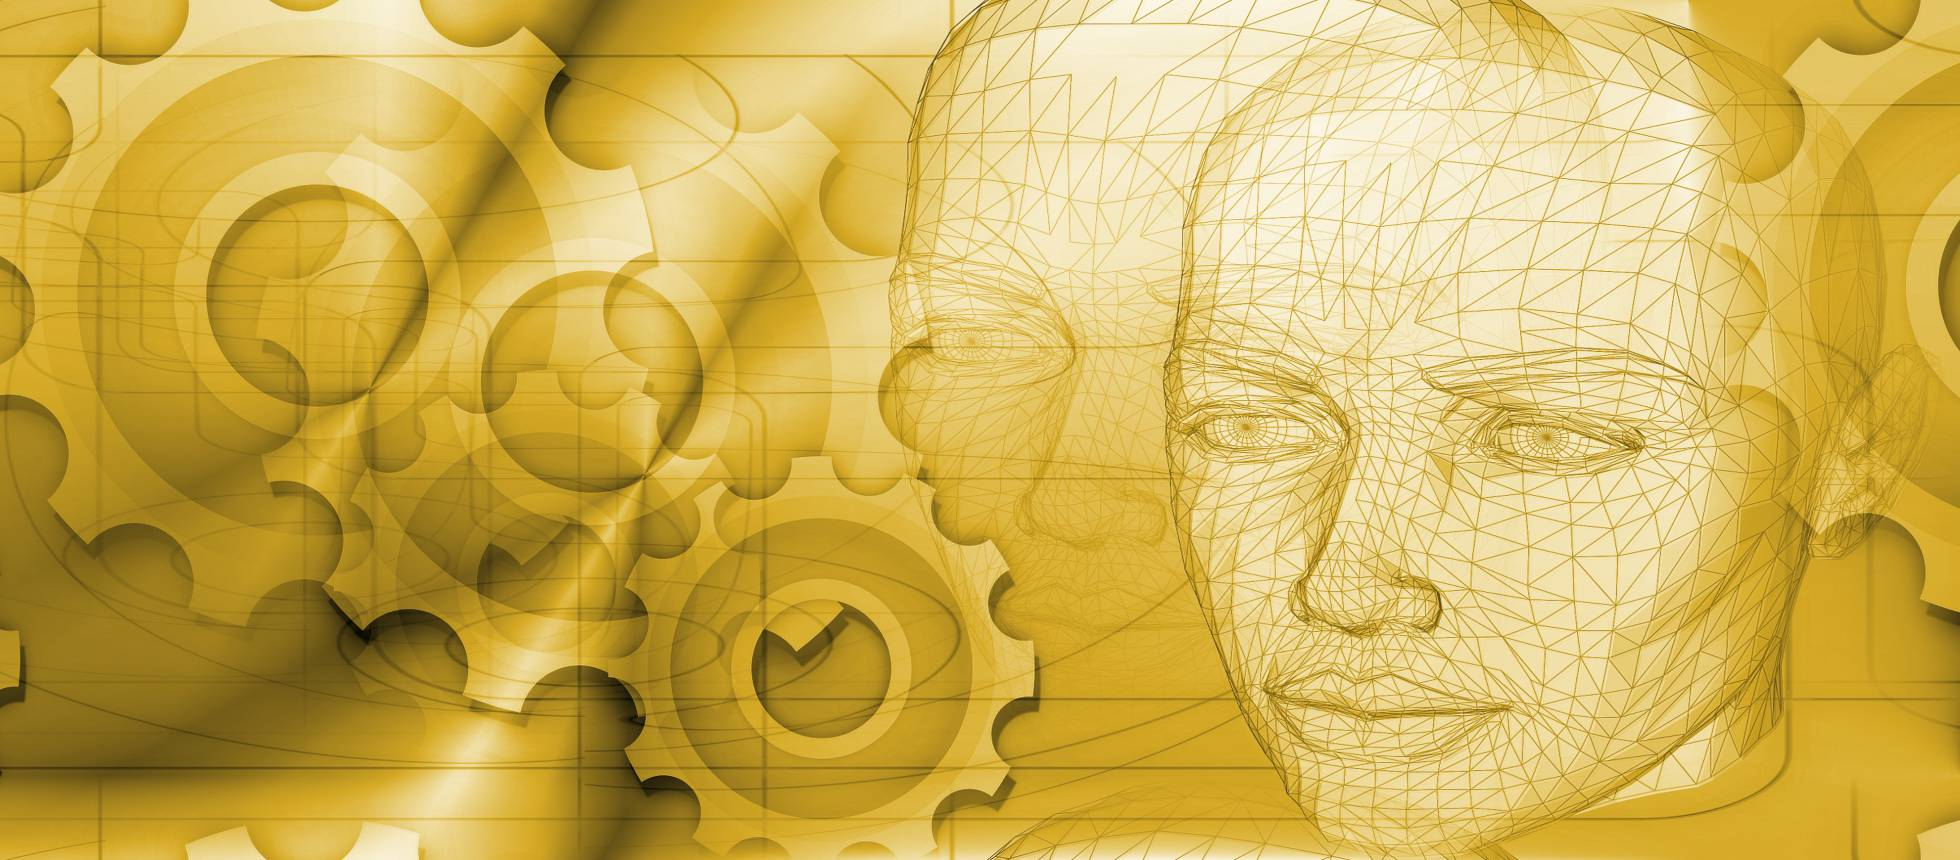 El futuro del trabajo: ¿oportunidad o amenaza para América Latina?